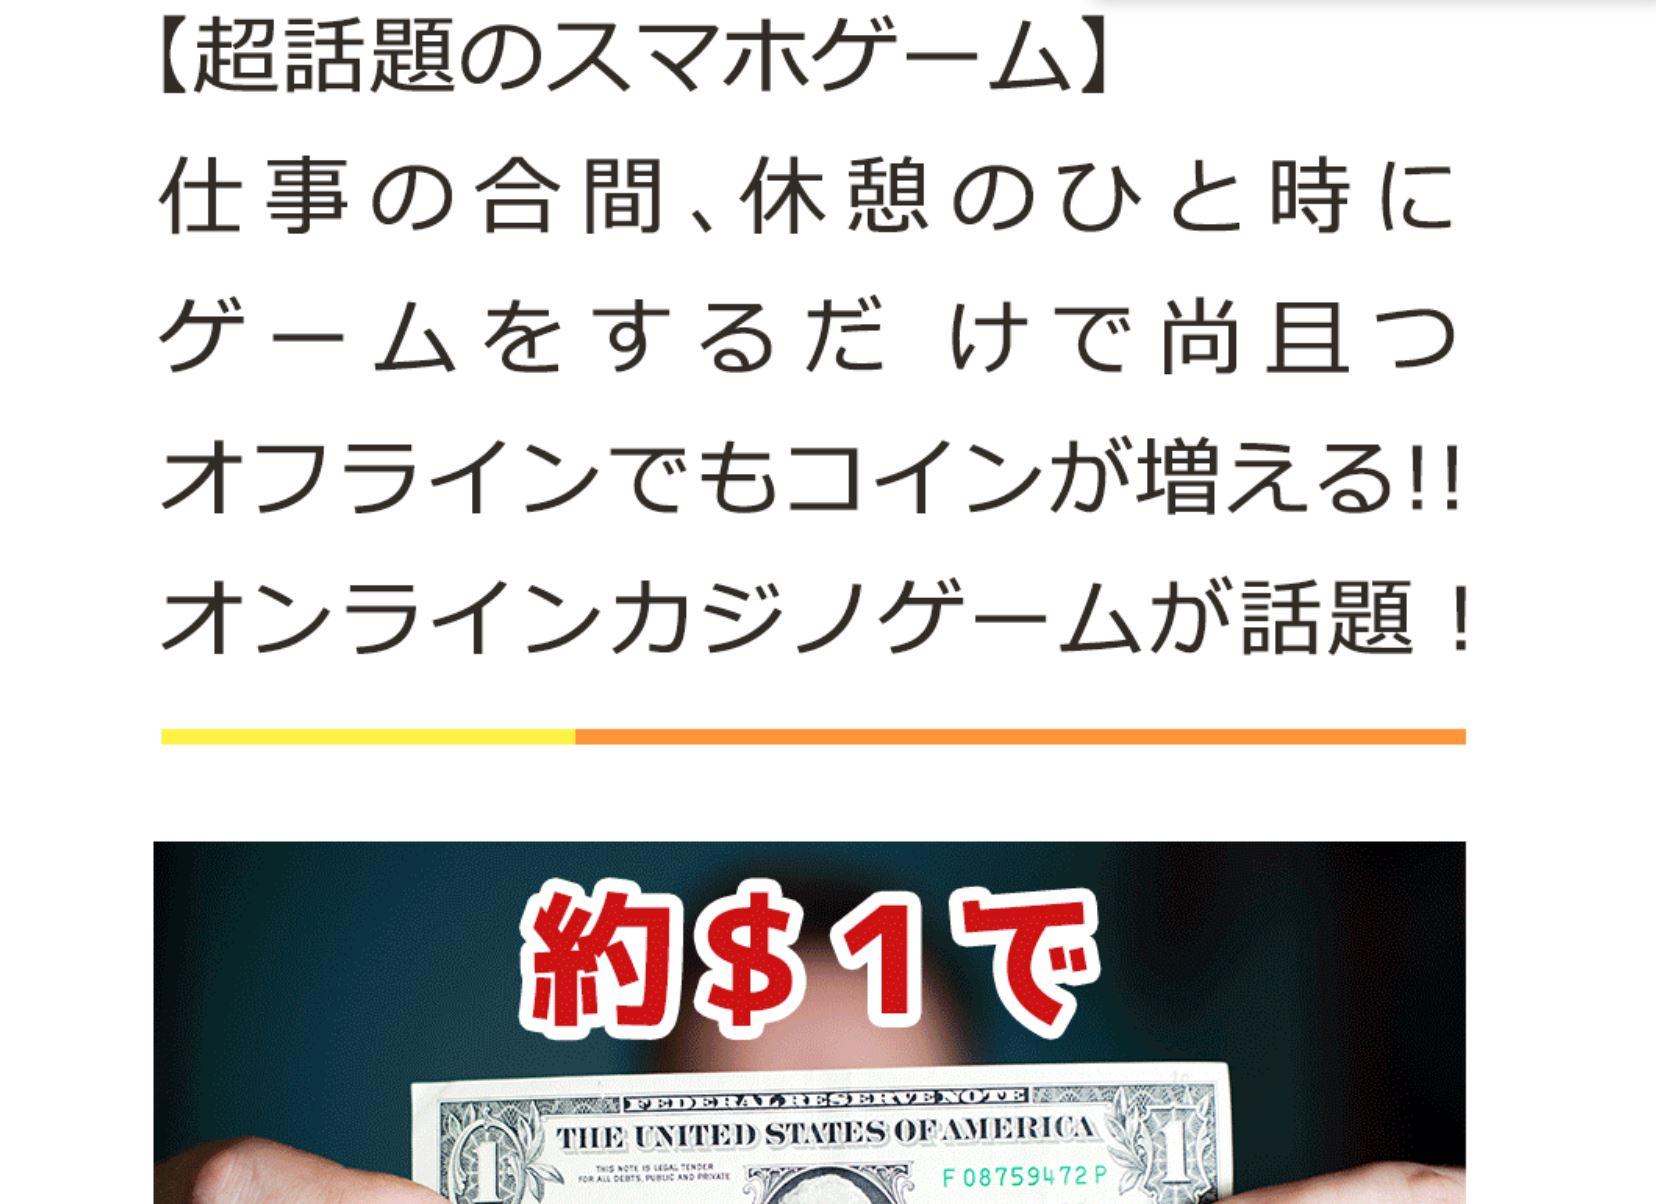 【注意】横山涼 オンラインカジノ エルマンドは競馬案件?副業案件調査